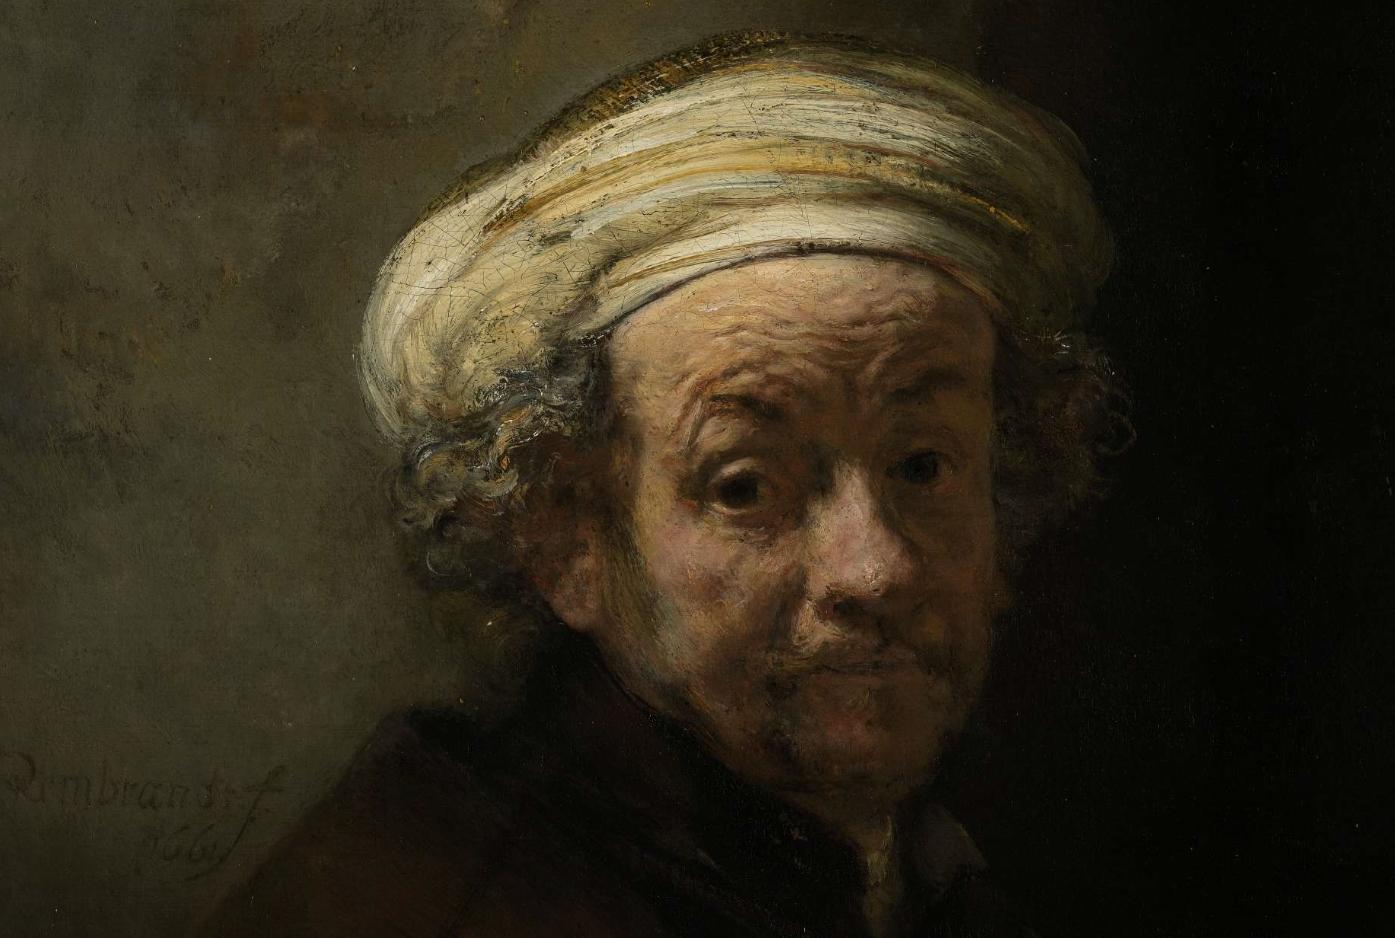 Rijksmuseum Rembrant van Rijn